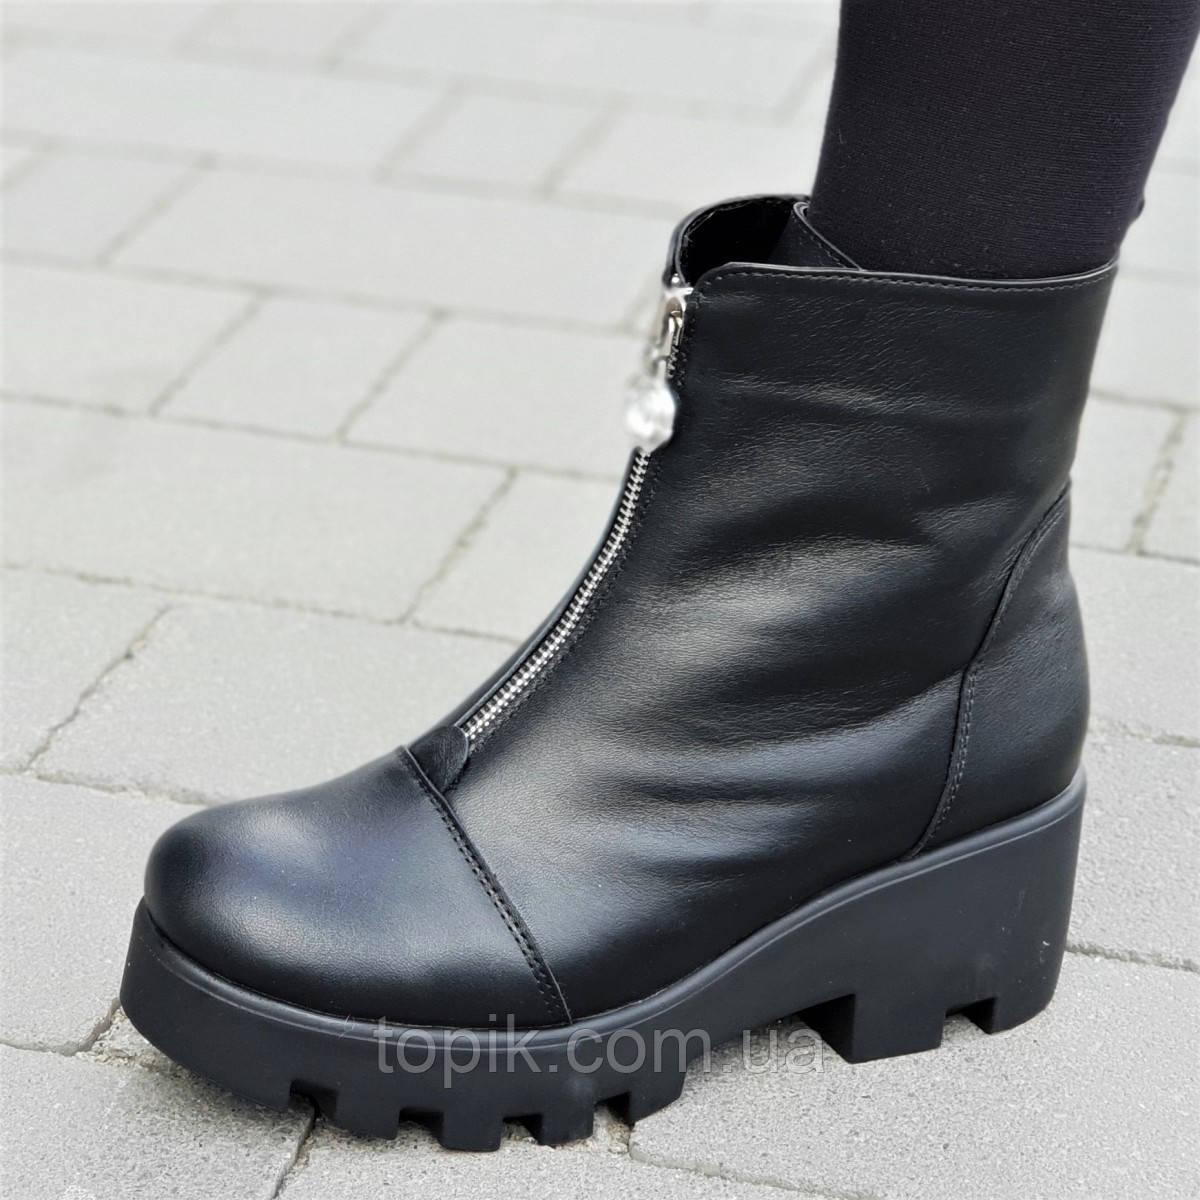 2c36bfef Женские зимние ботильоны ботинки на платформе на тракторной подошве  натуральная кожа черные (Код: 1311)